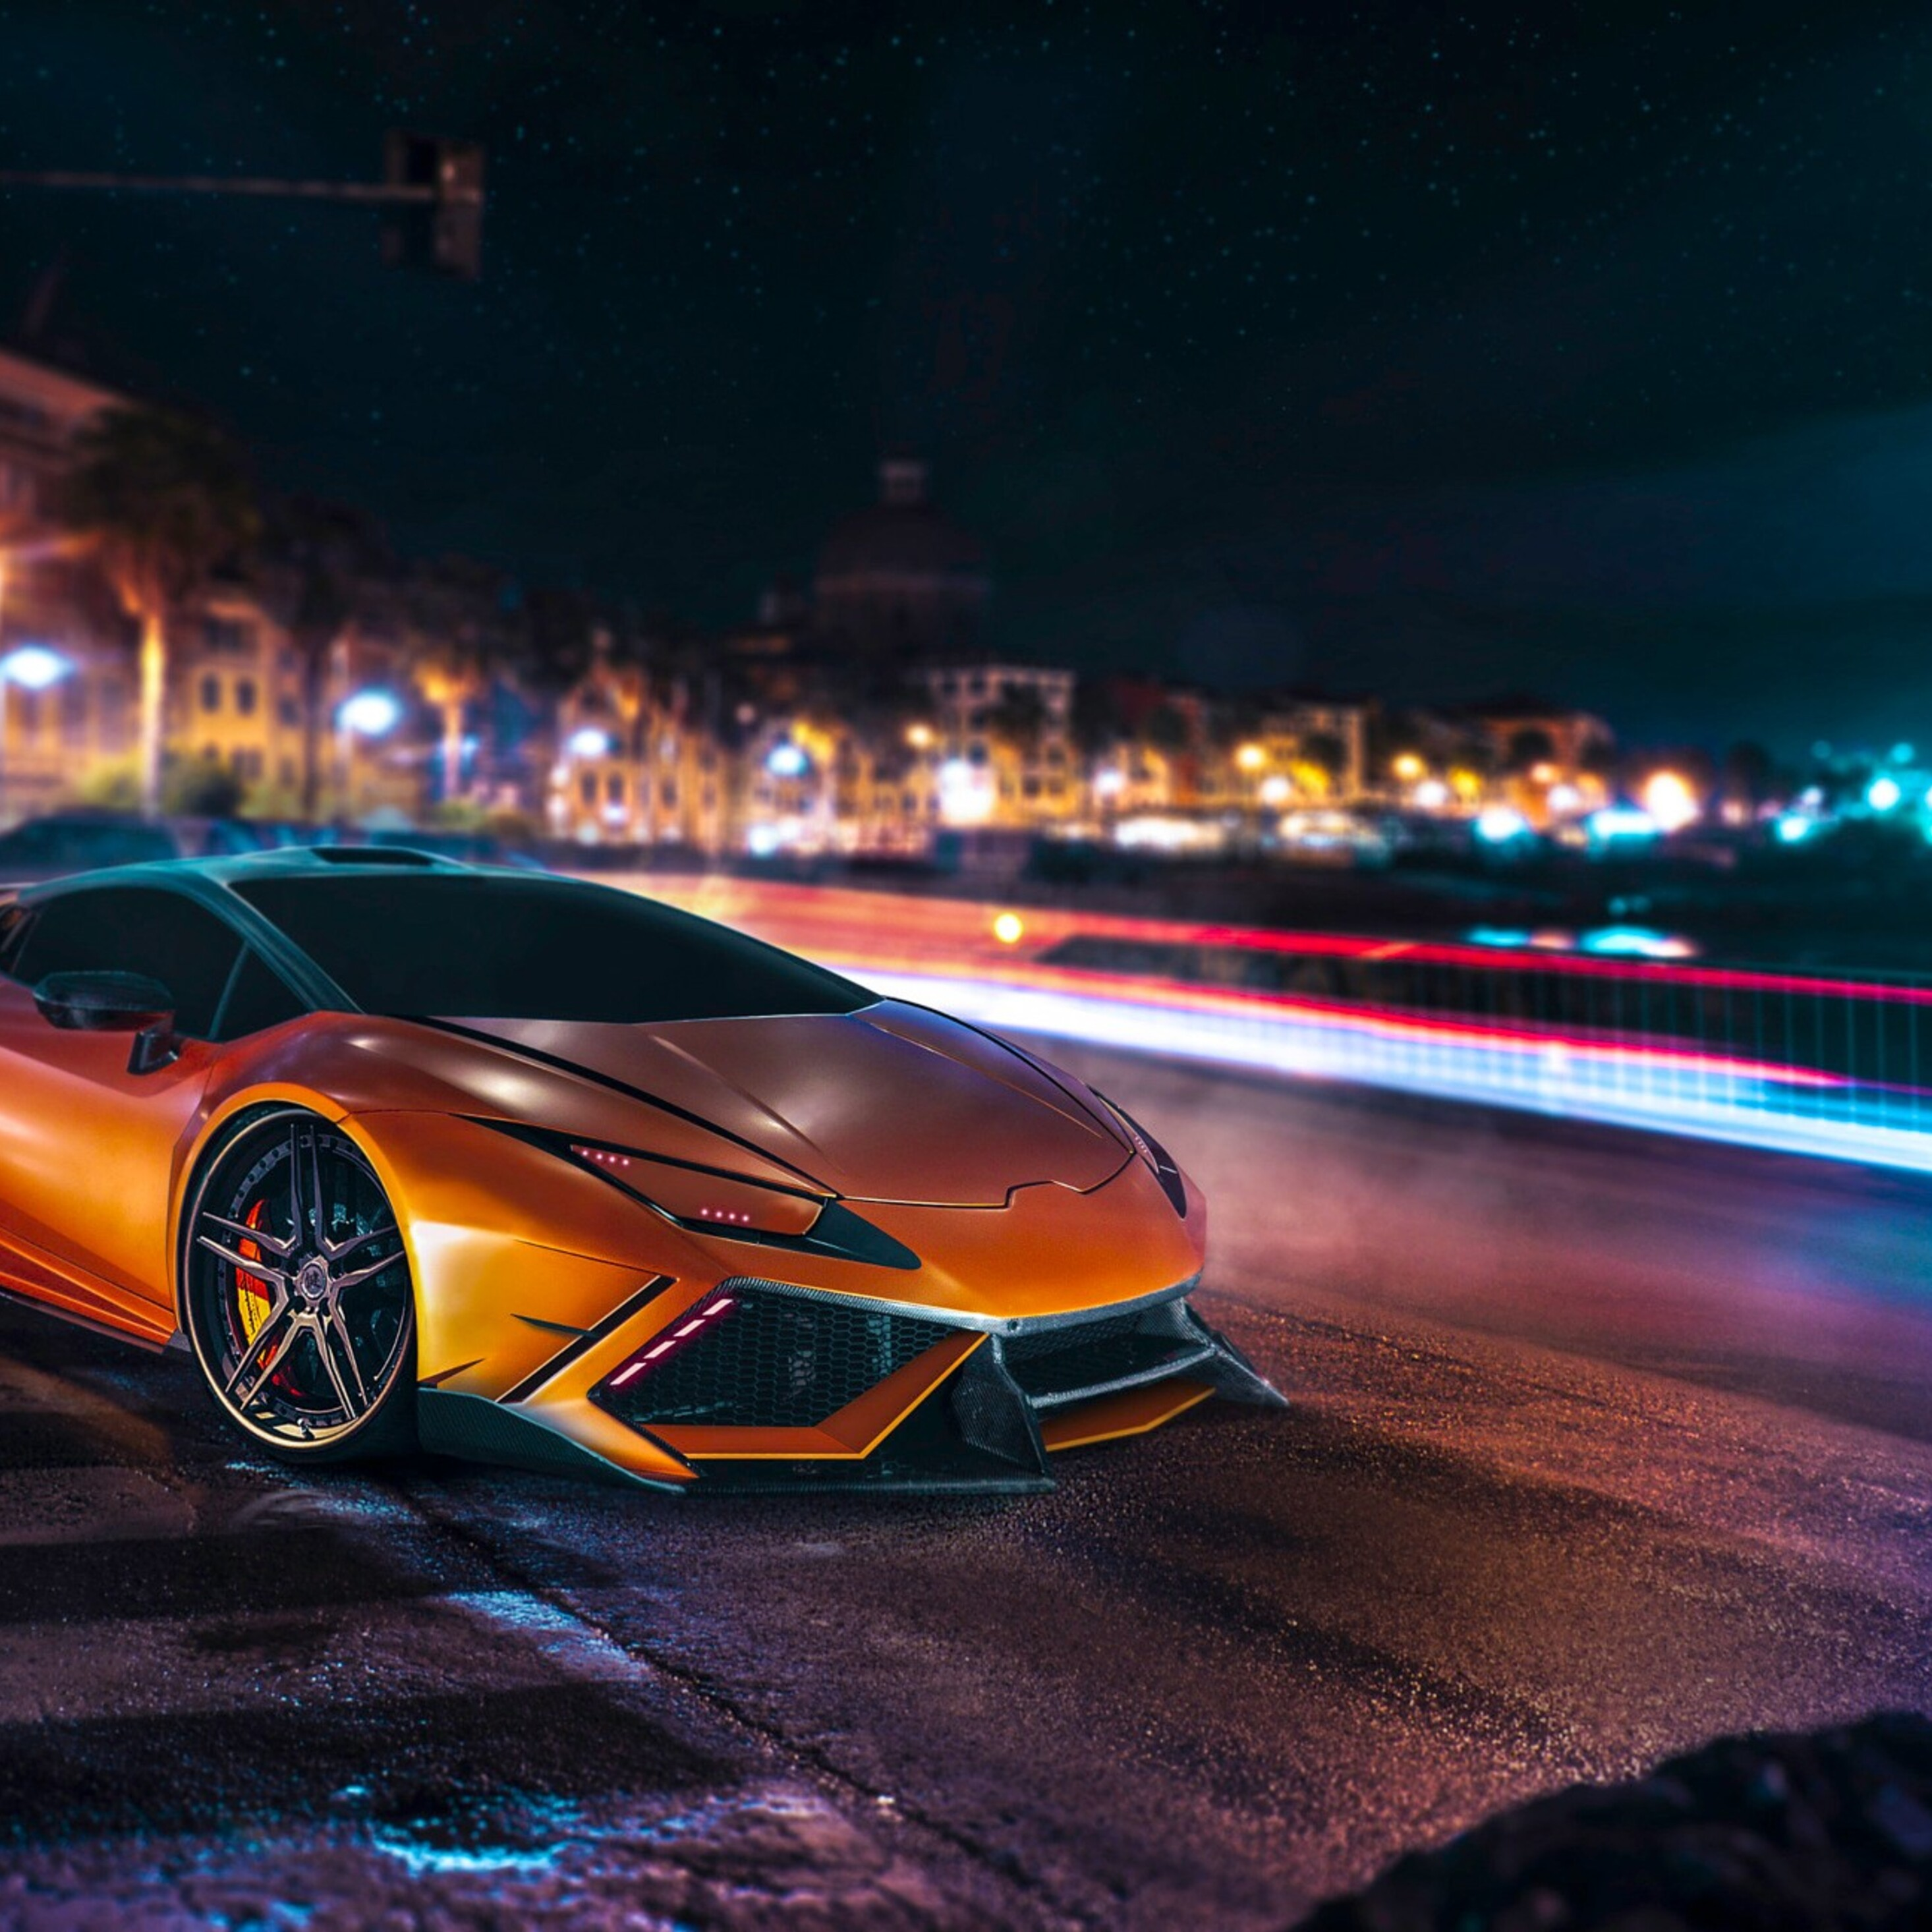 Lamborghini Walpaper: 2932x2932 Lamborghini Huracan Full HD Ipad Pro Retina